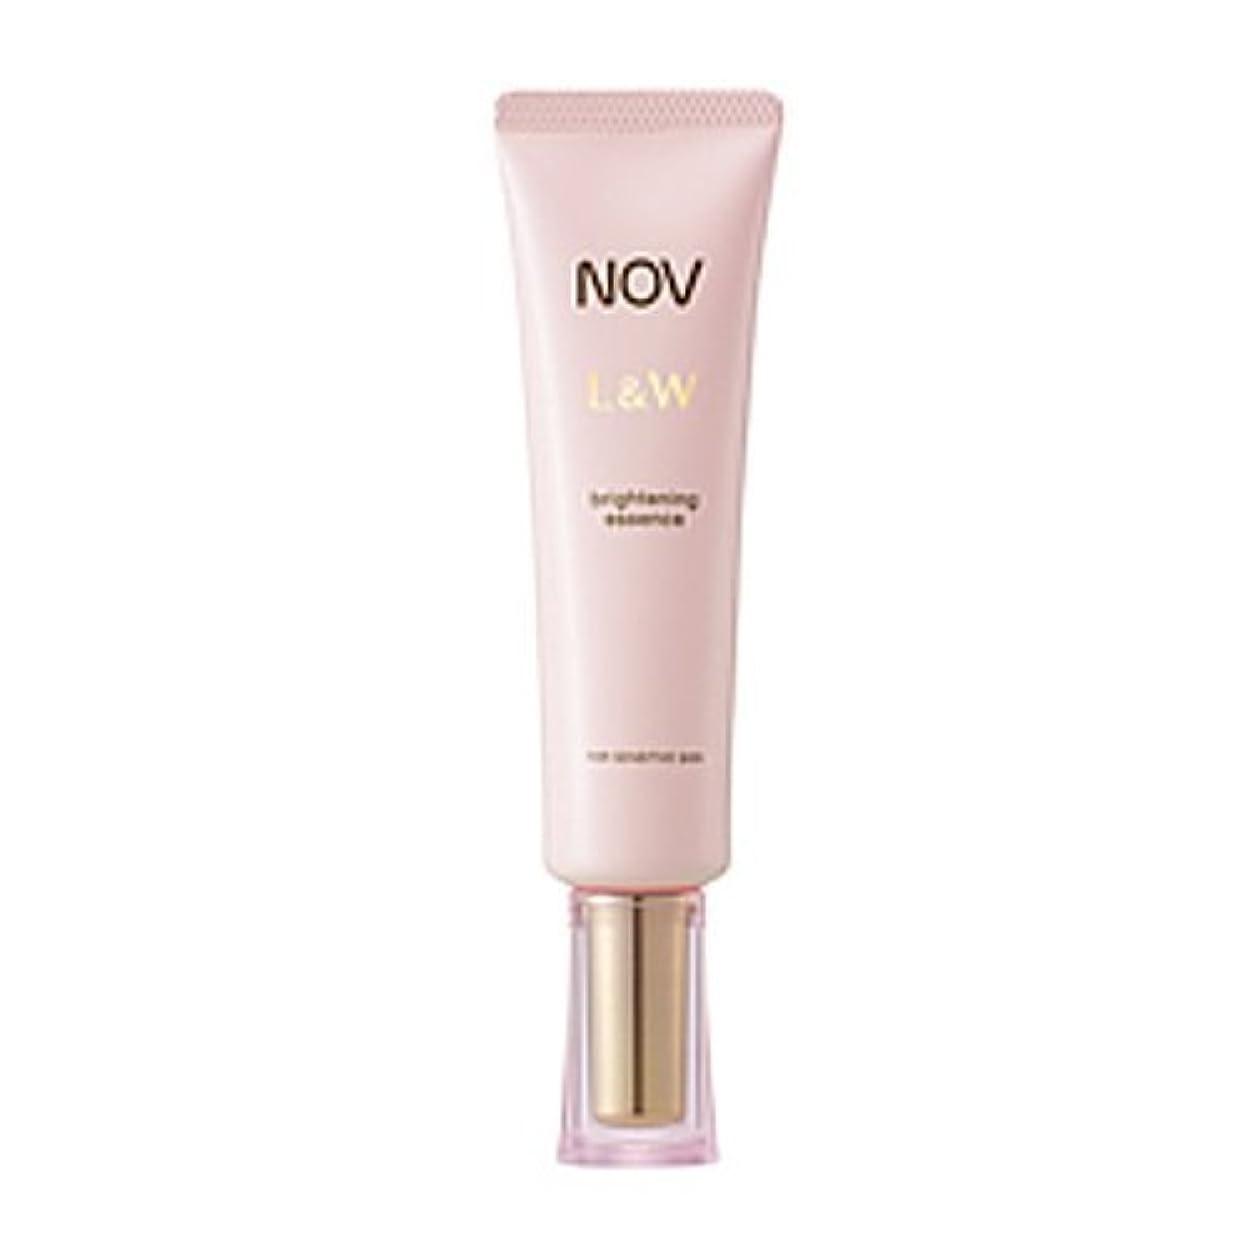 にじみ出るナインへ壁紙NOV L&W  ブライトニングエッセンス(医薬部外品)<30g>